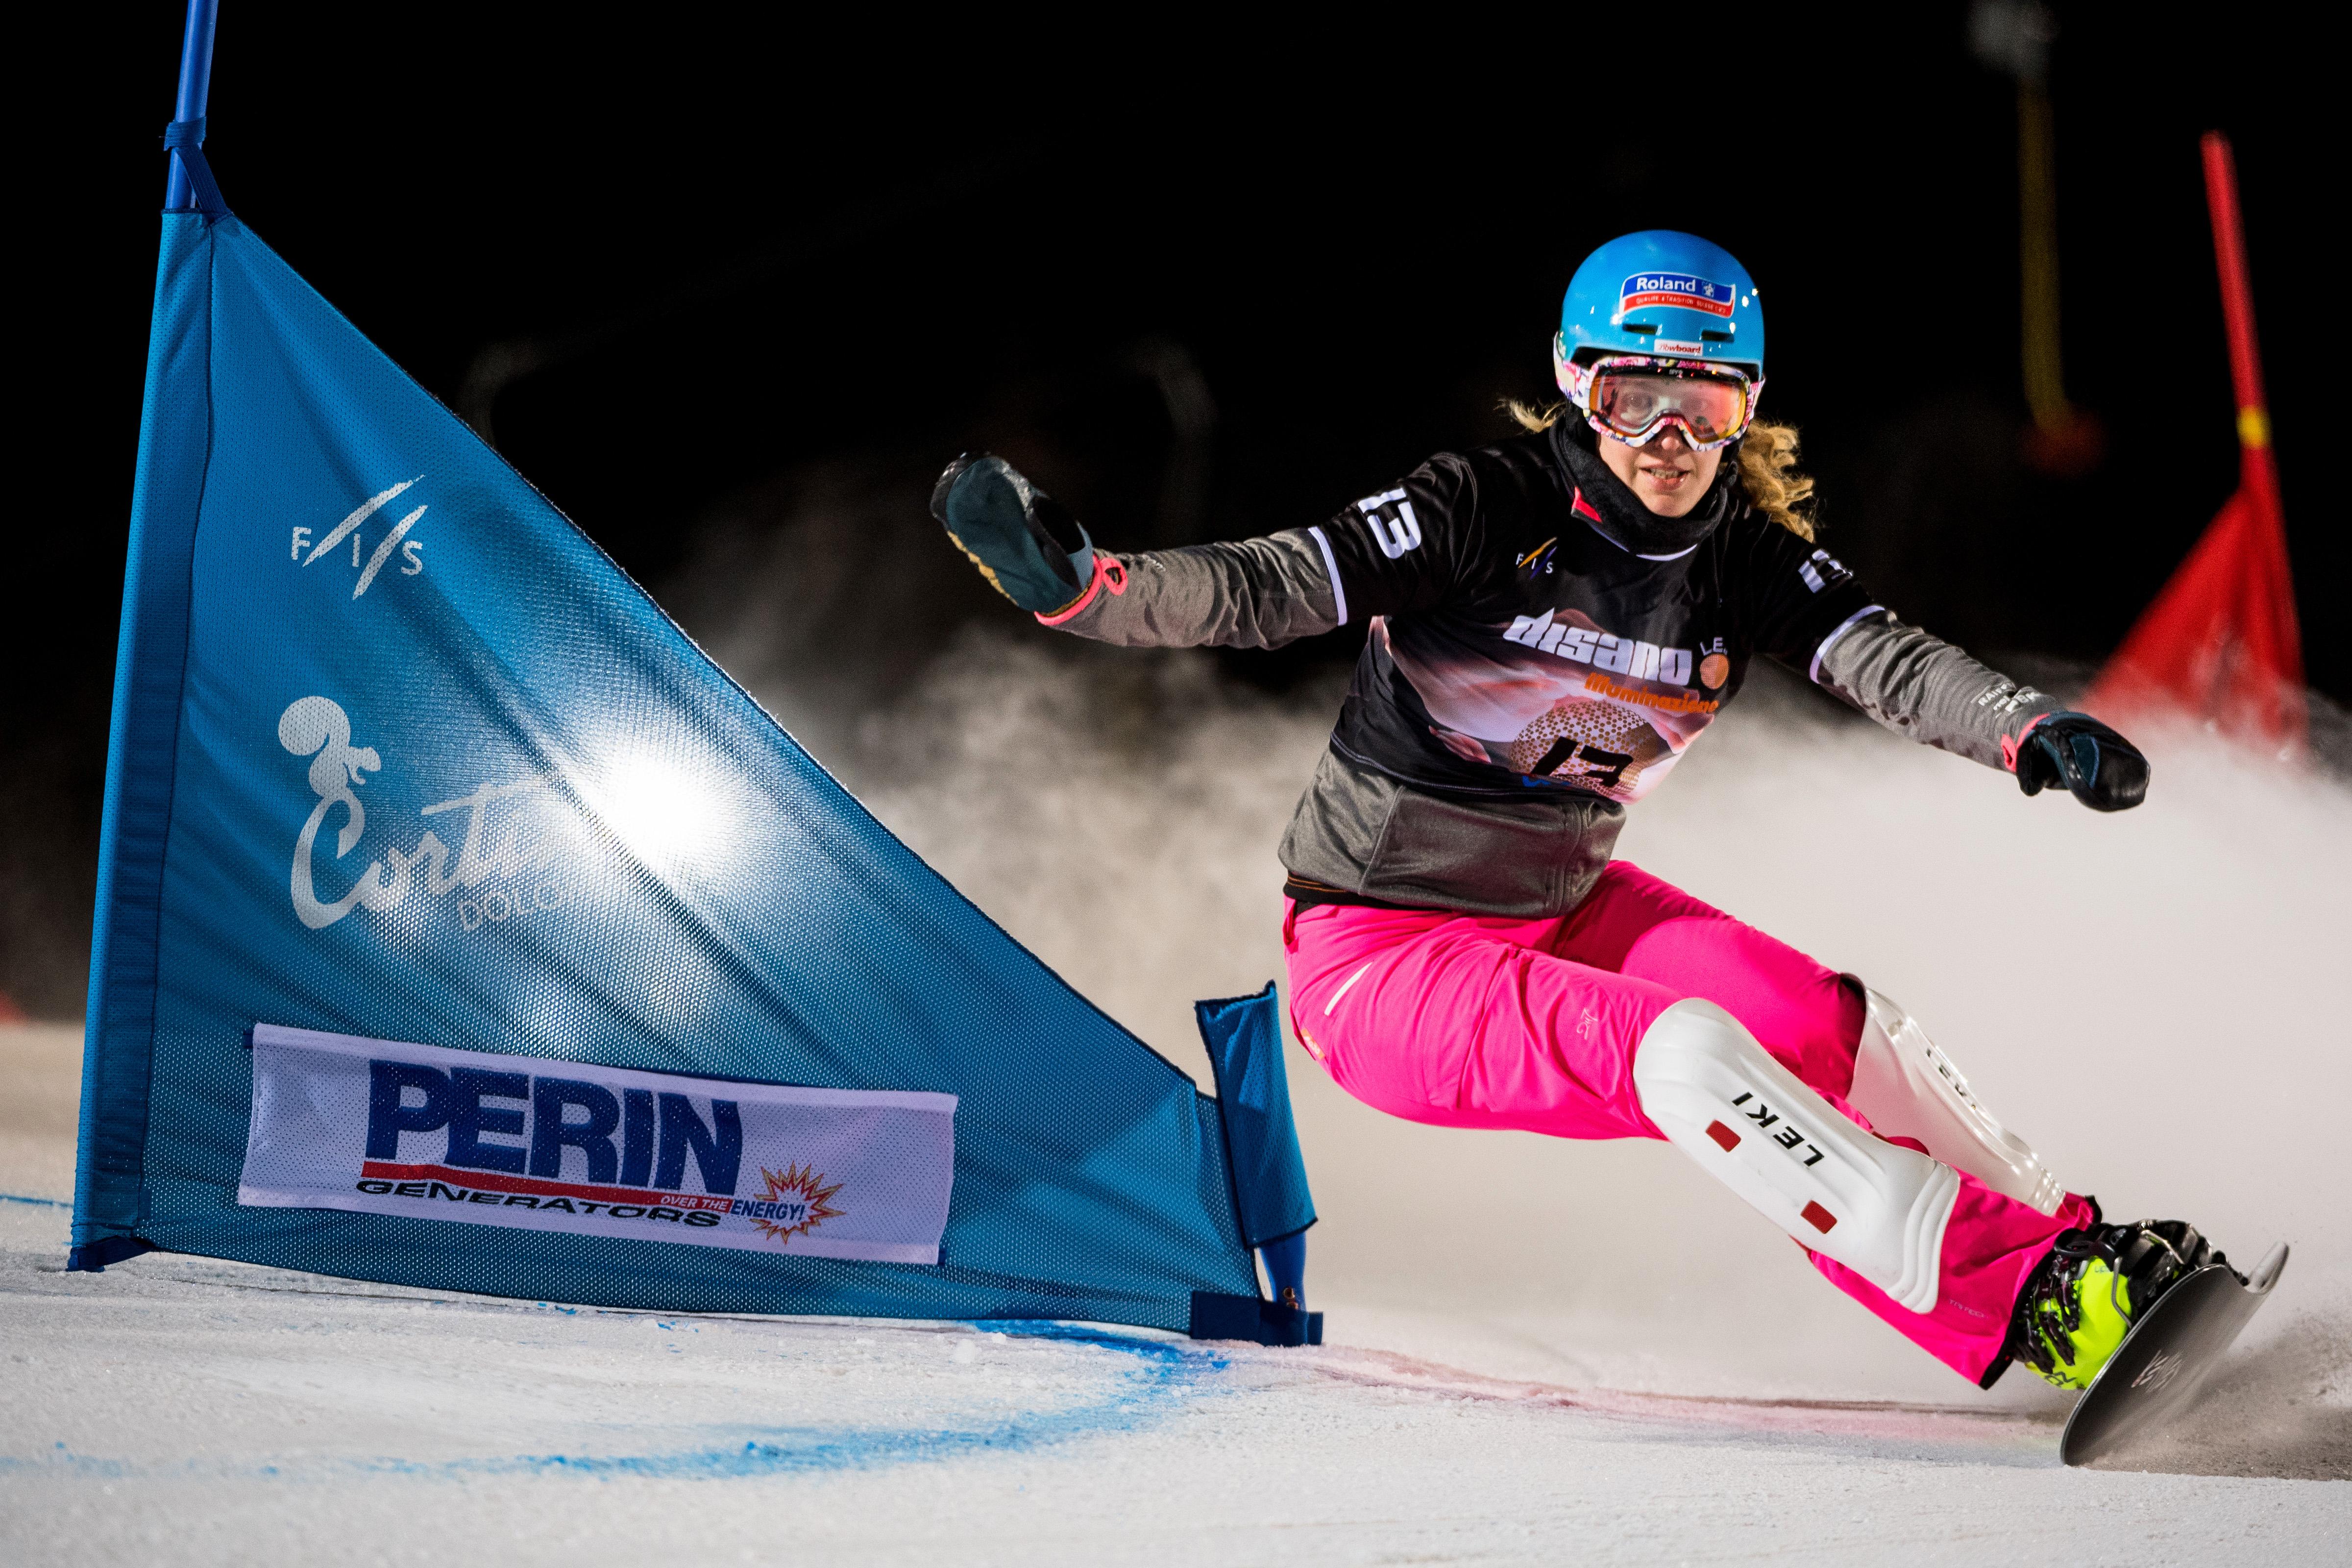 Patrizia Kummer erreicht beim Weltcup Parallel Slalom in Cortina d'Ampezzo im Dezember 2016 auf den 14. Schlussrang.